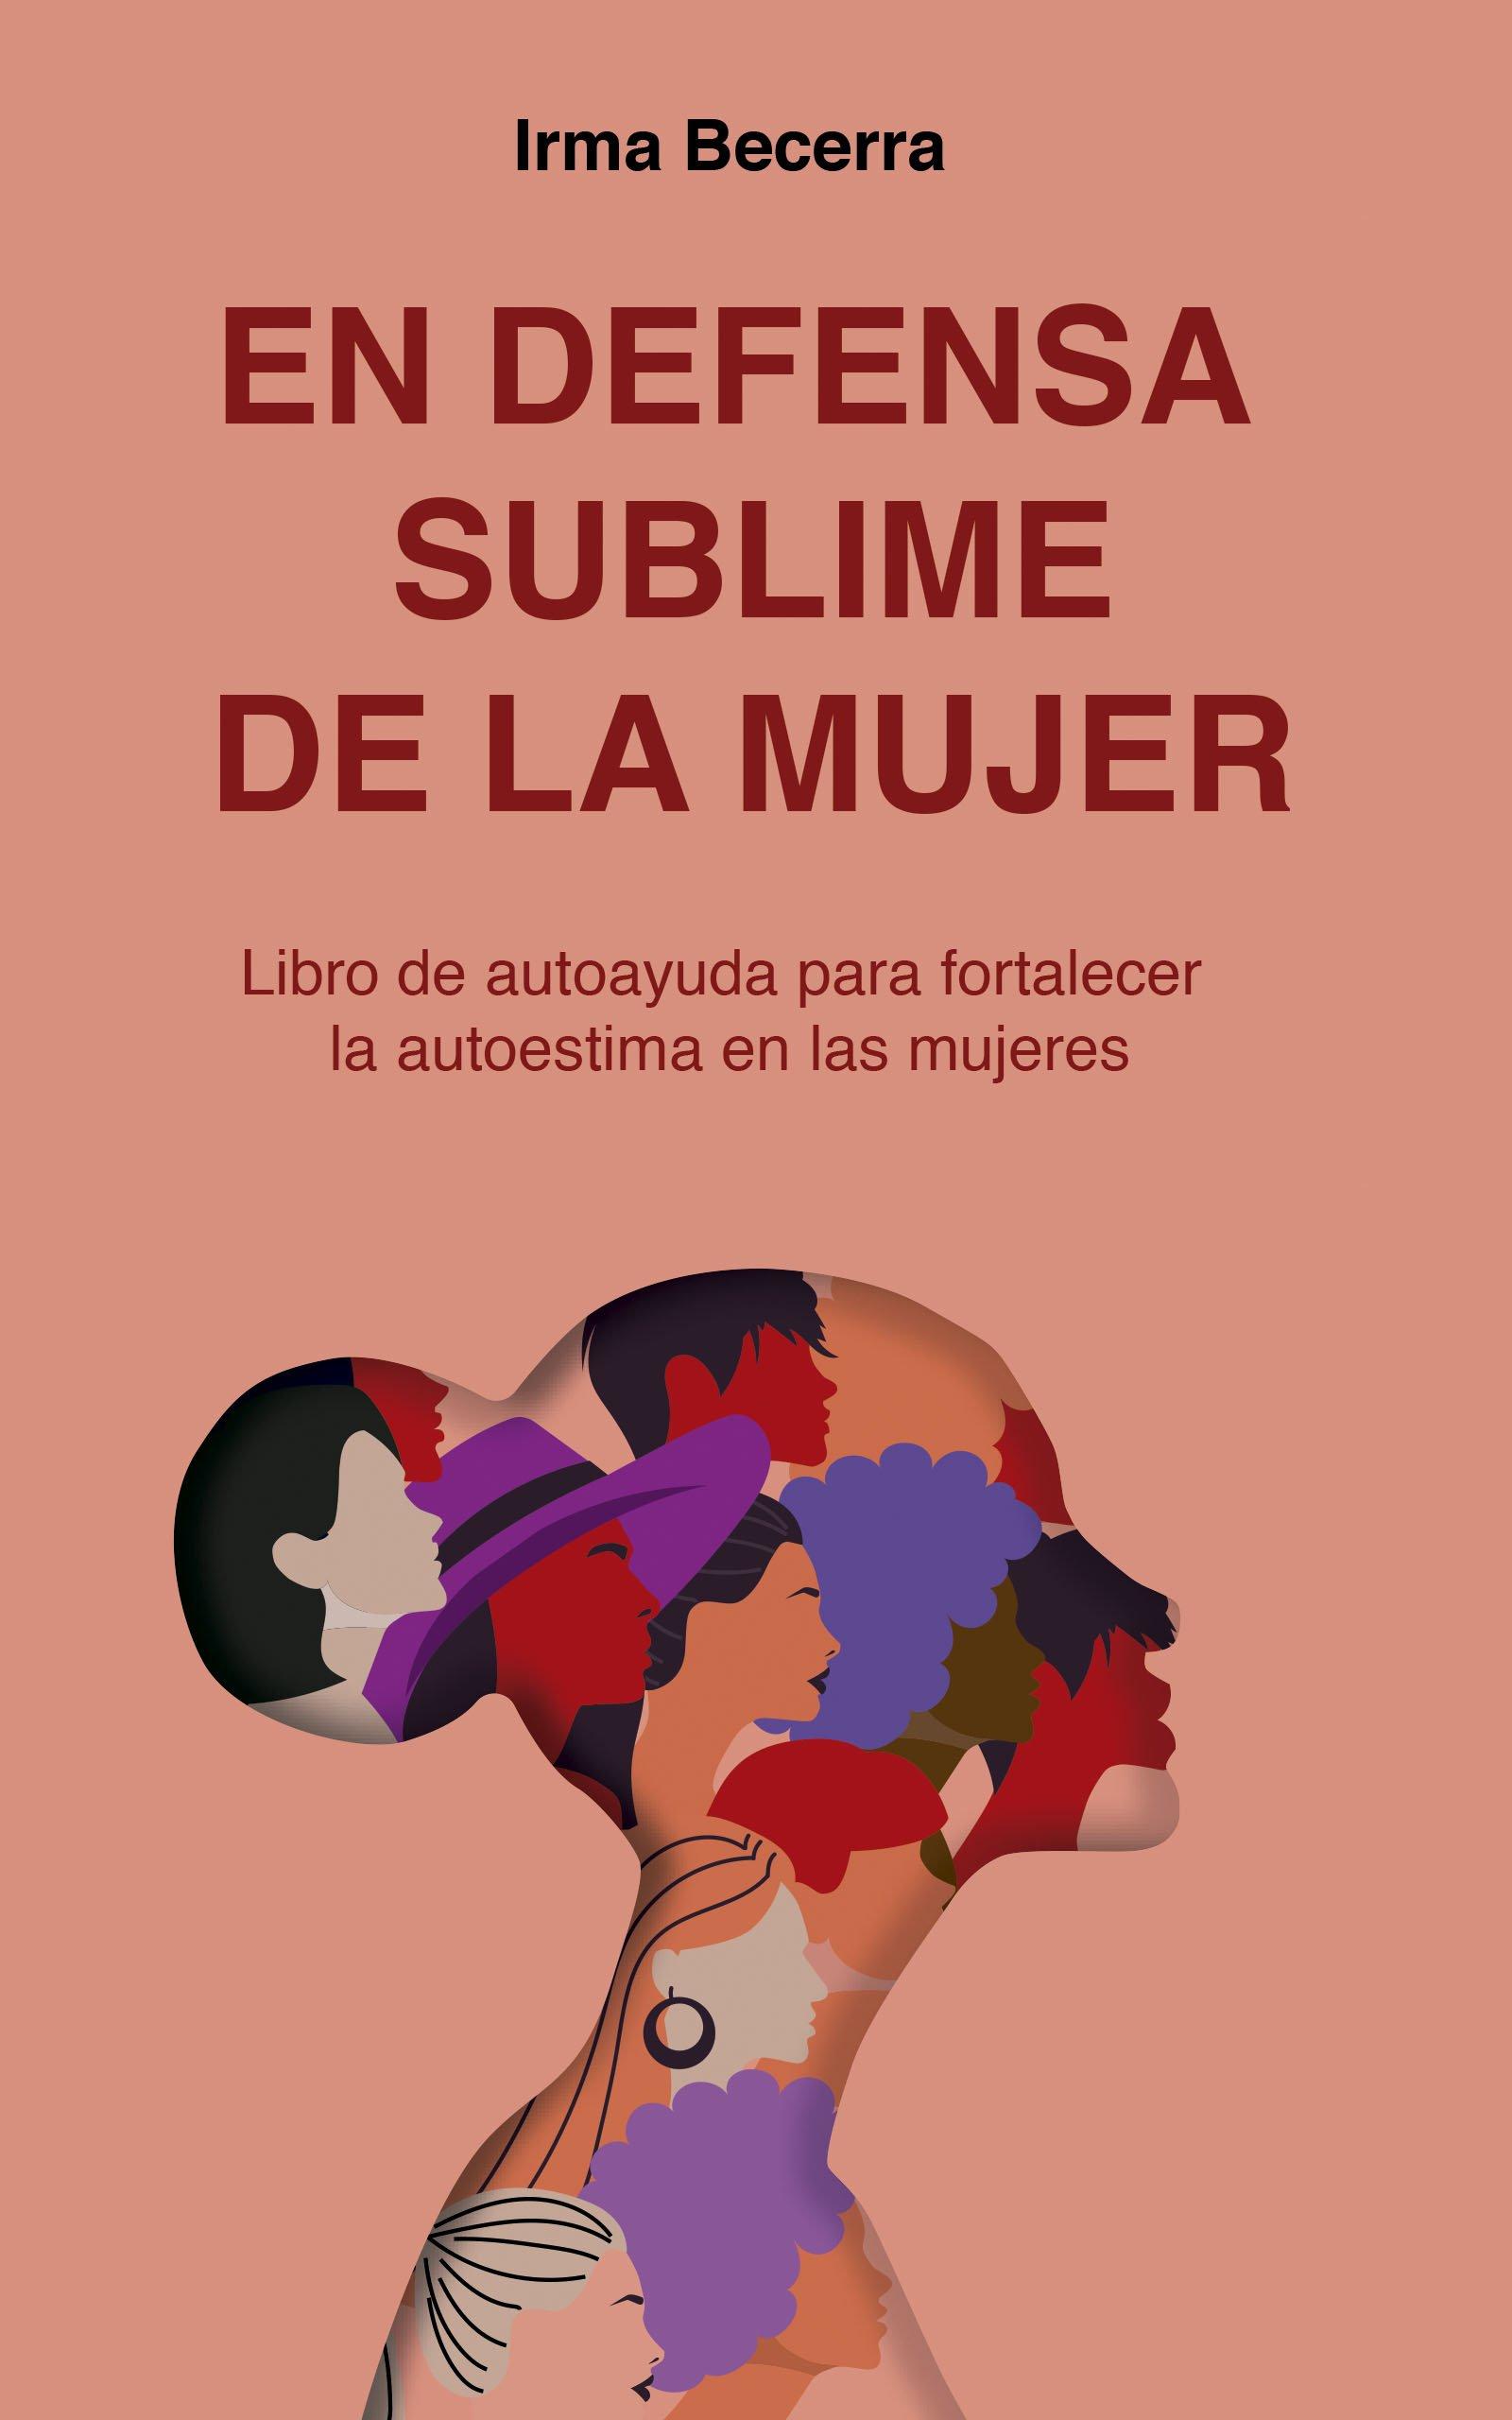 En defensa sublime de la mujer, de Irma Becerra